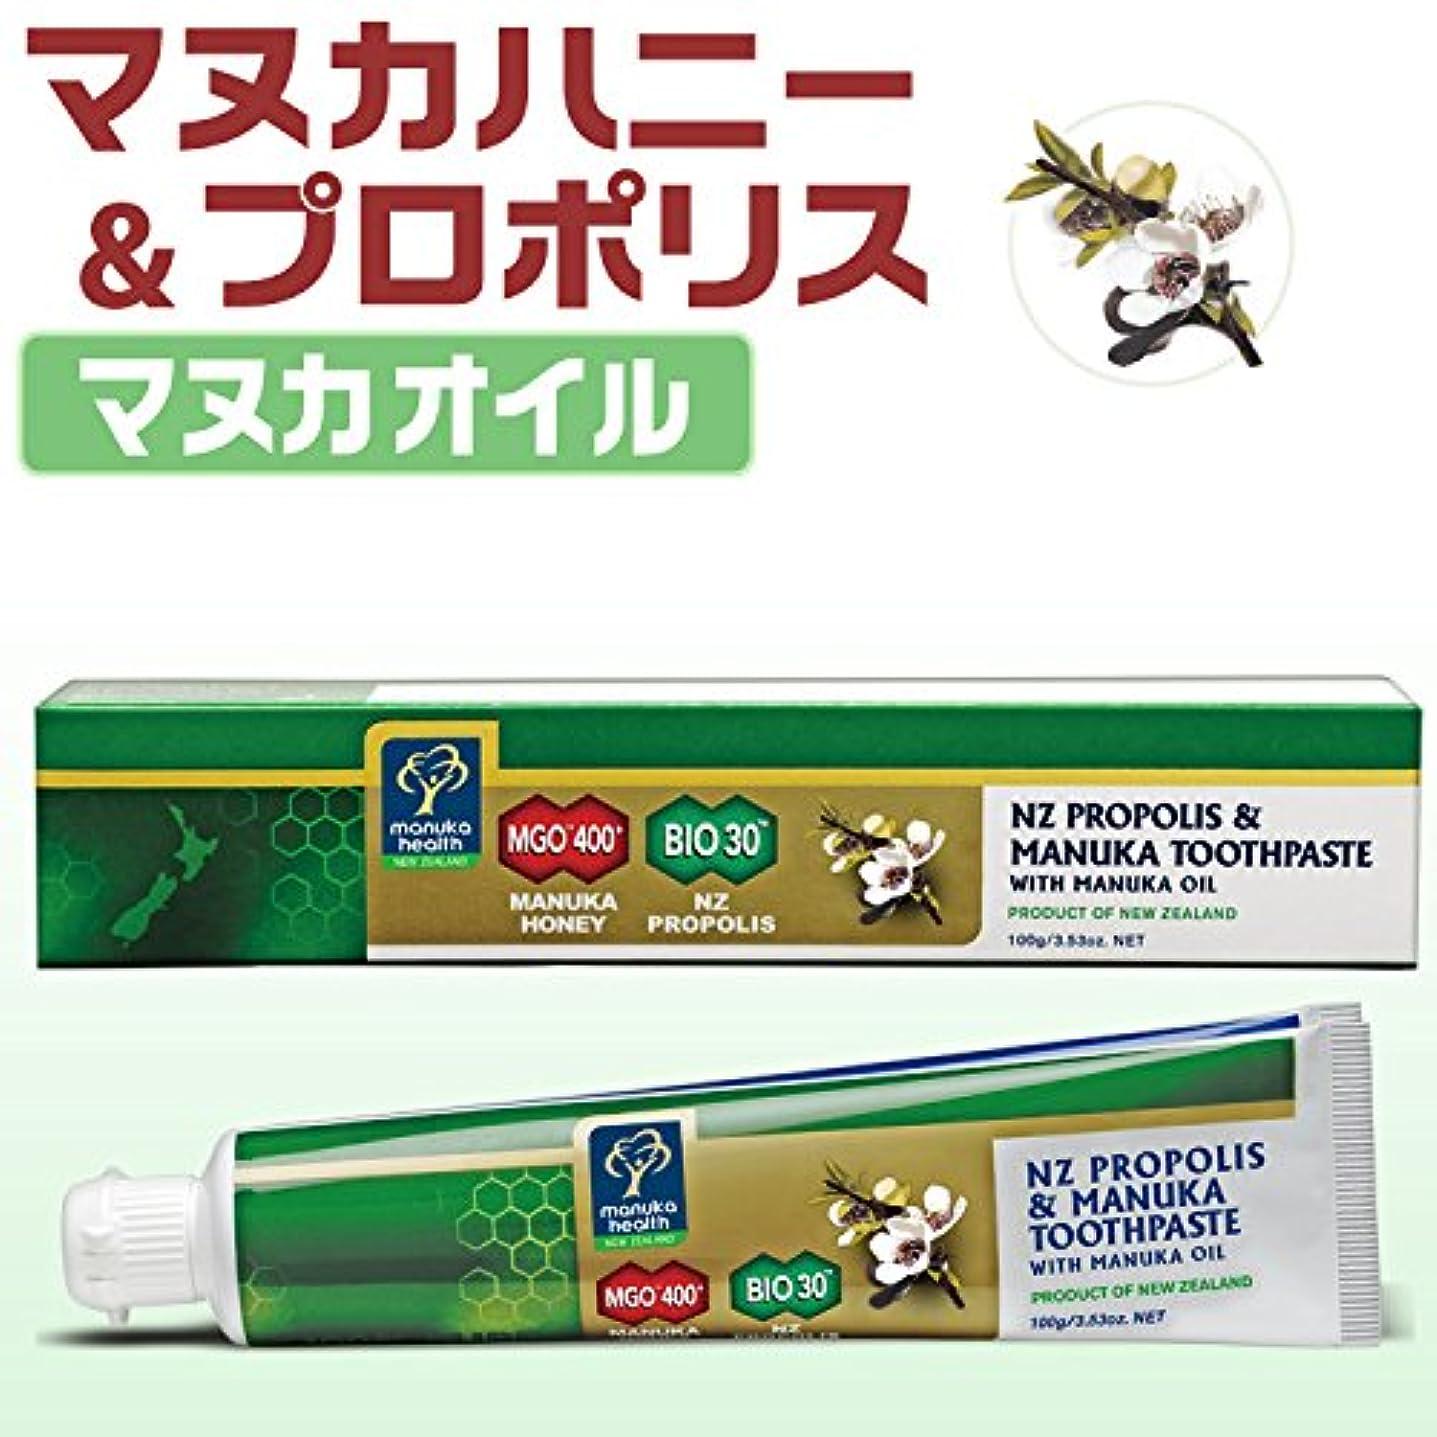 キャベツ防水違反プロポリス&マヌカハニー MGO400+ マヌカオイル 歯磨き粉 [100g]緑